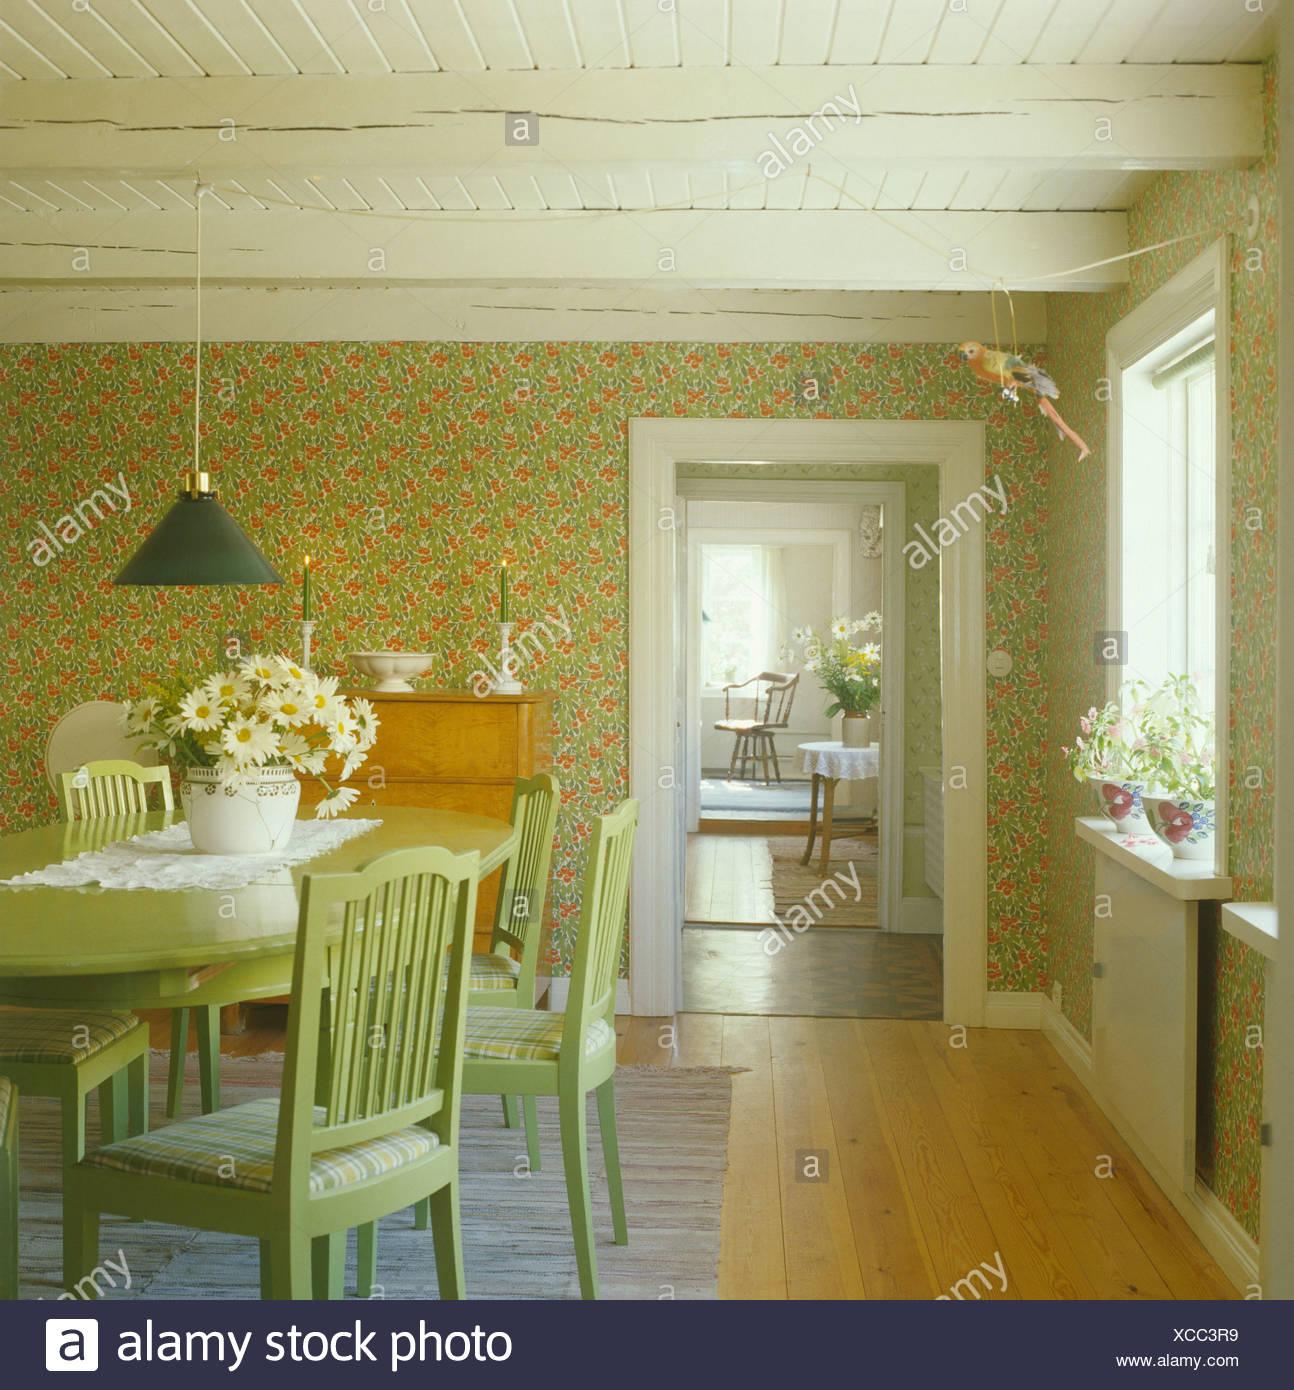 Malte Blass Grün Möbel Und Grüne Tapete Im Skandinavischen Land Speisesaal  Mit Polierten Holzboden